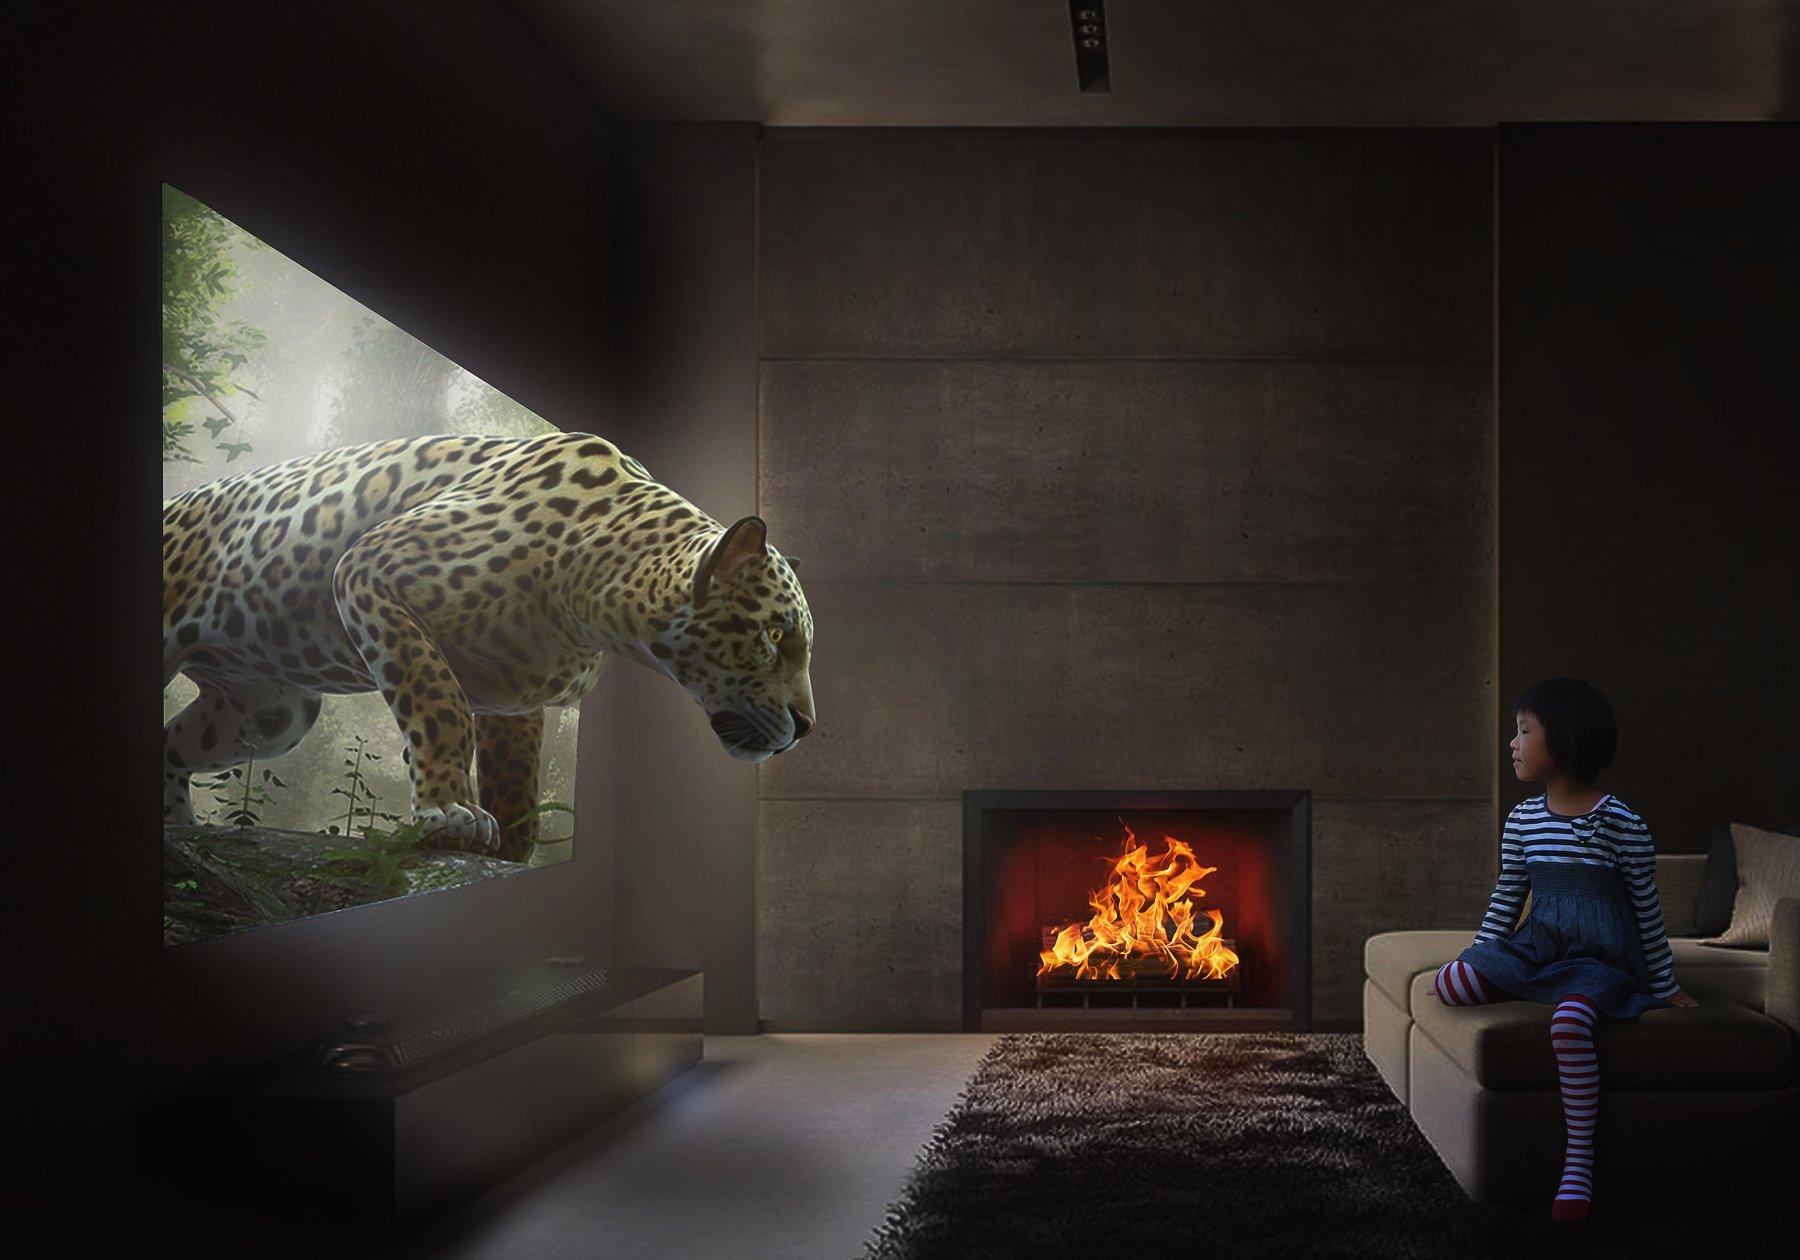 девочка, комната, леопард, телевизор, Sergii Vidov